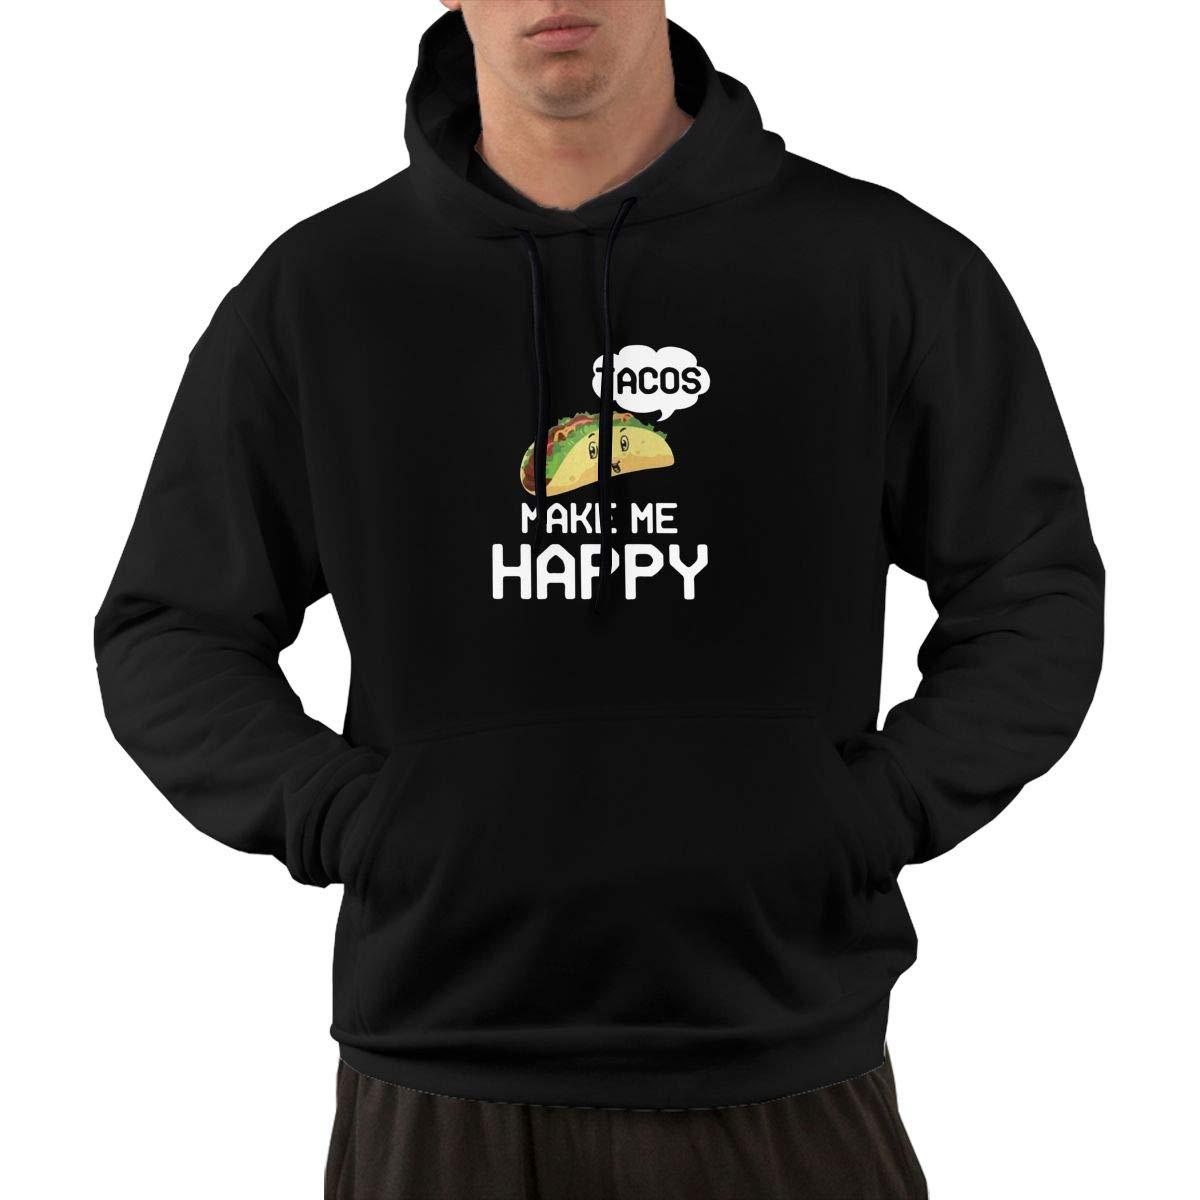 Tacos Make Me Happy Love Food Funny Hip Hop Fashion Pocket Hooded Li Shirts